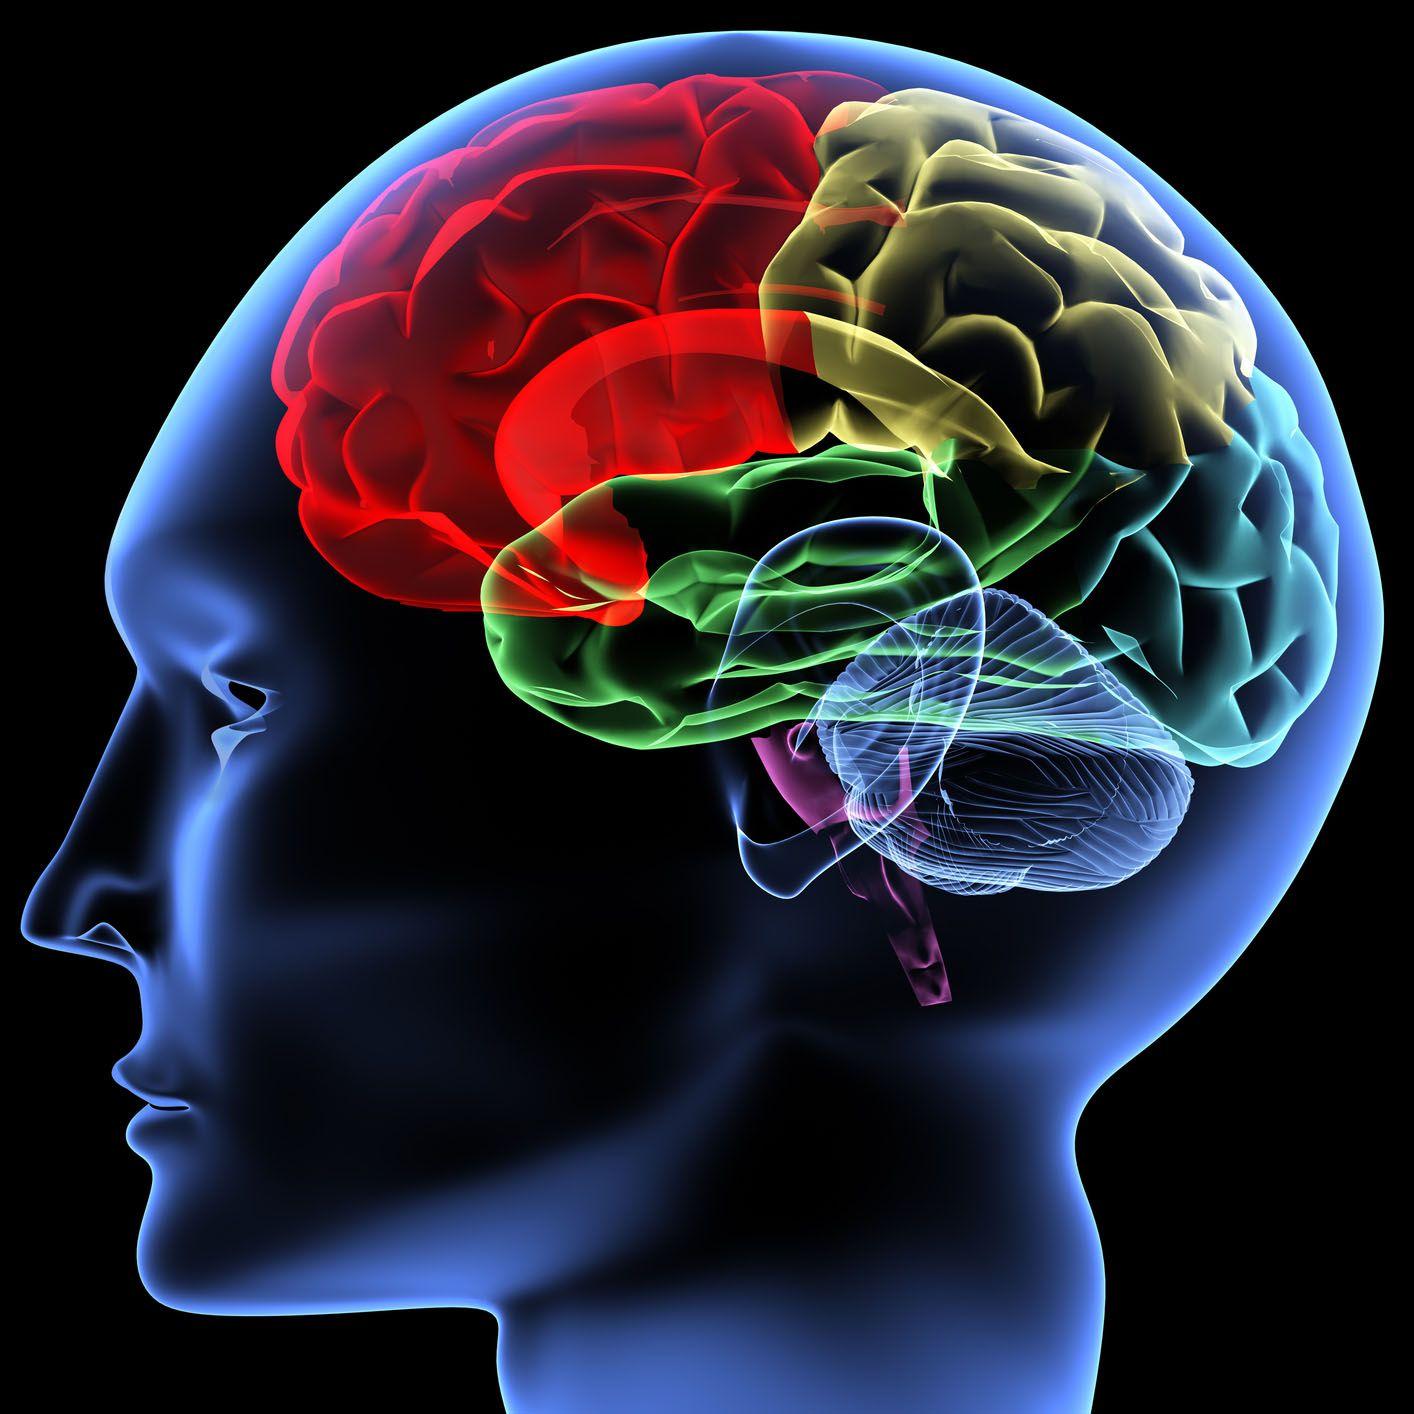 Veste URIAȘĂ! A fost inventat dispozitivul medical care previne accidentul vascular cerebral și atacul de cord